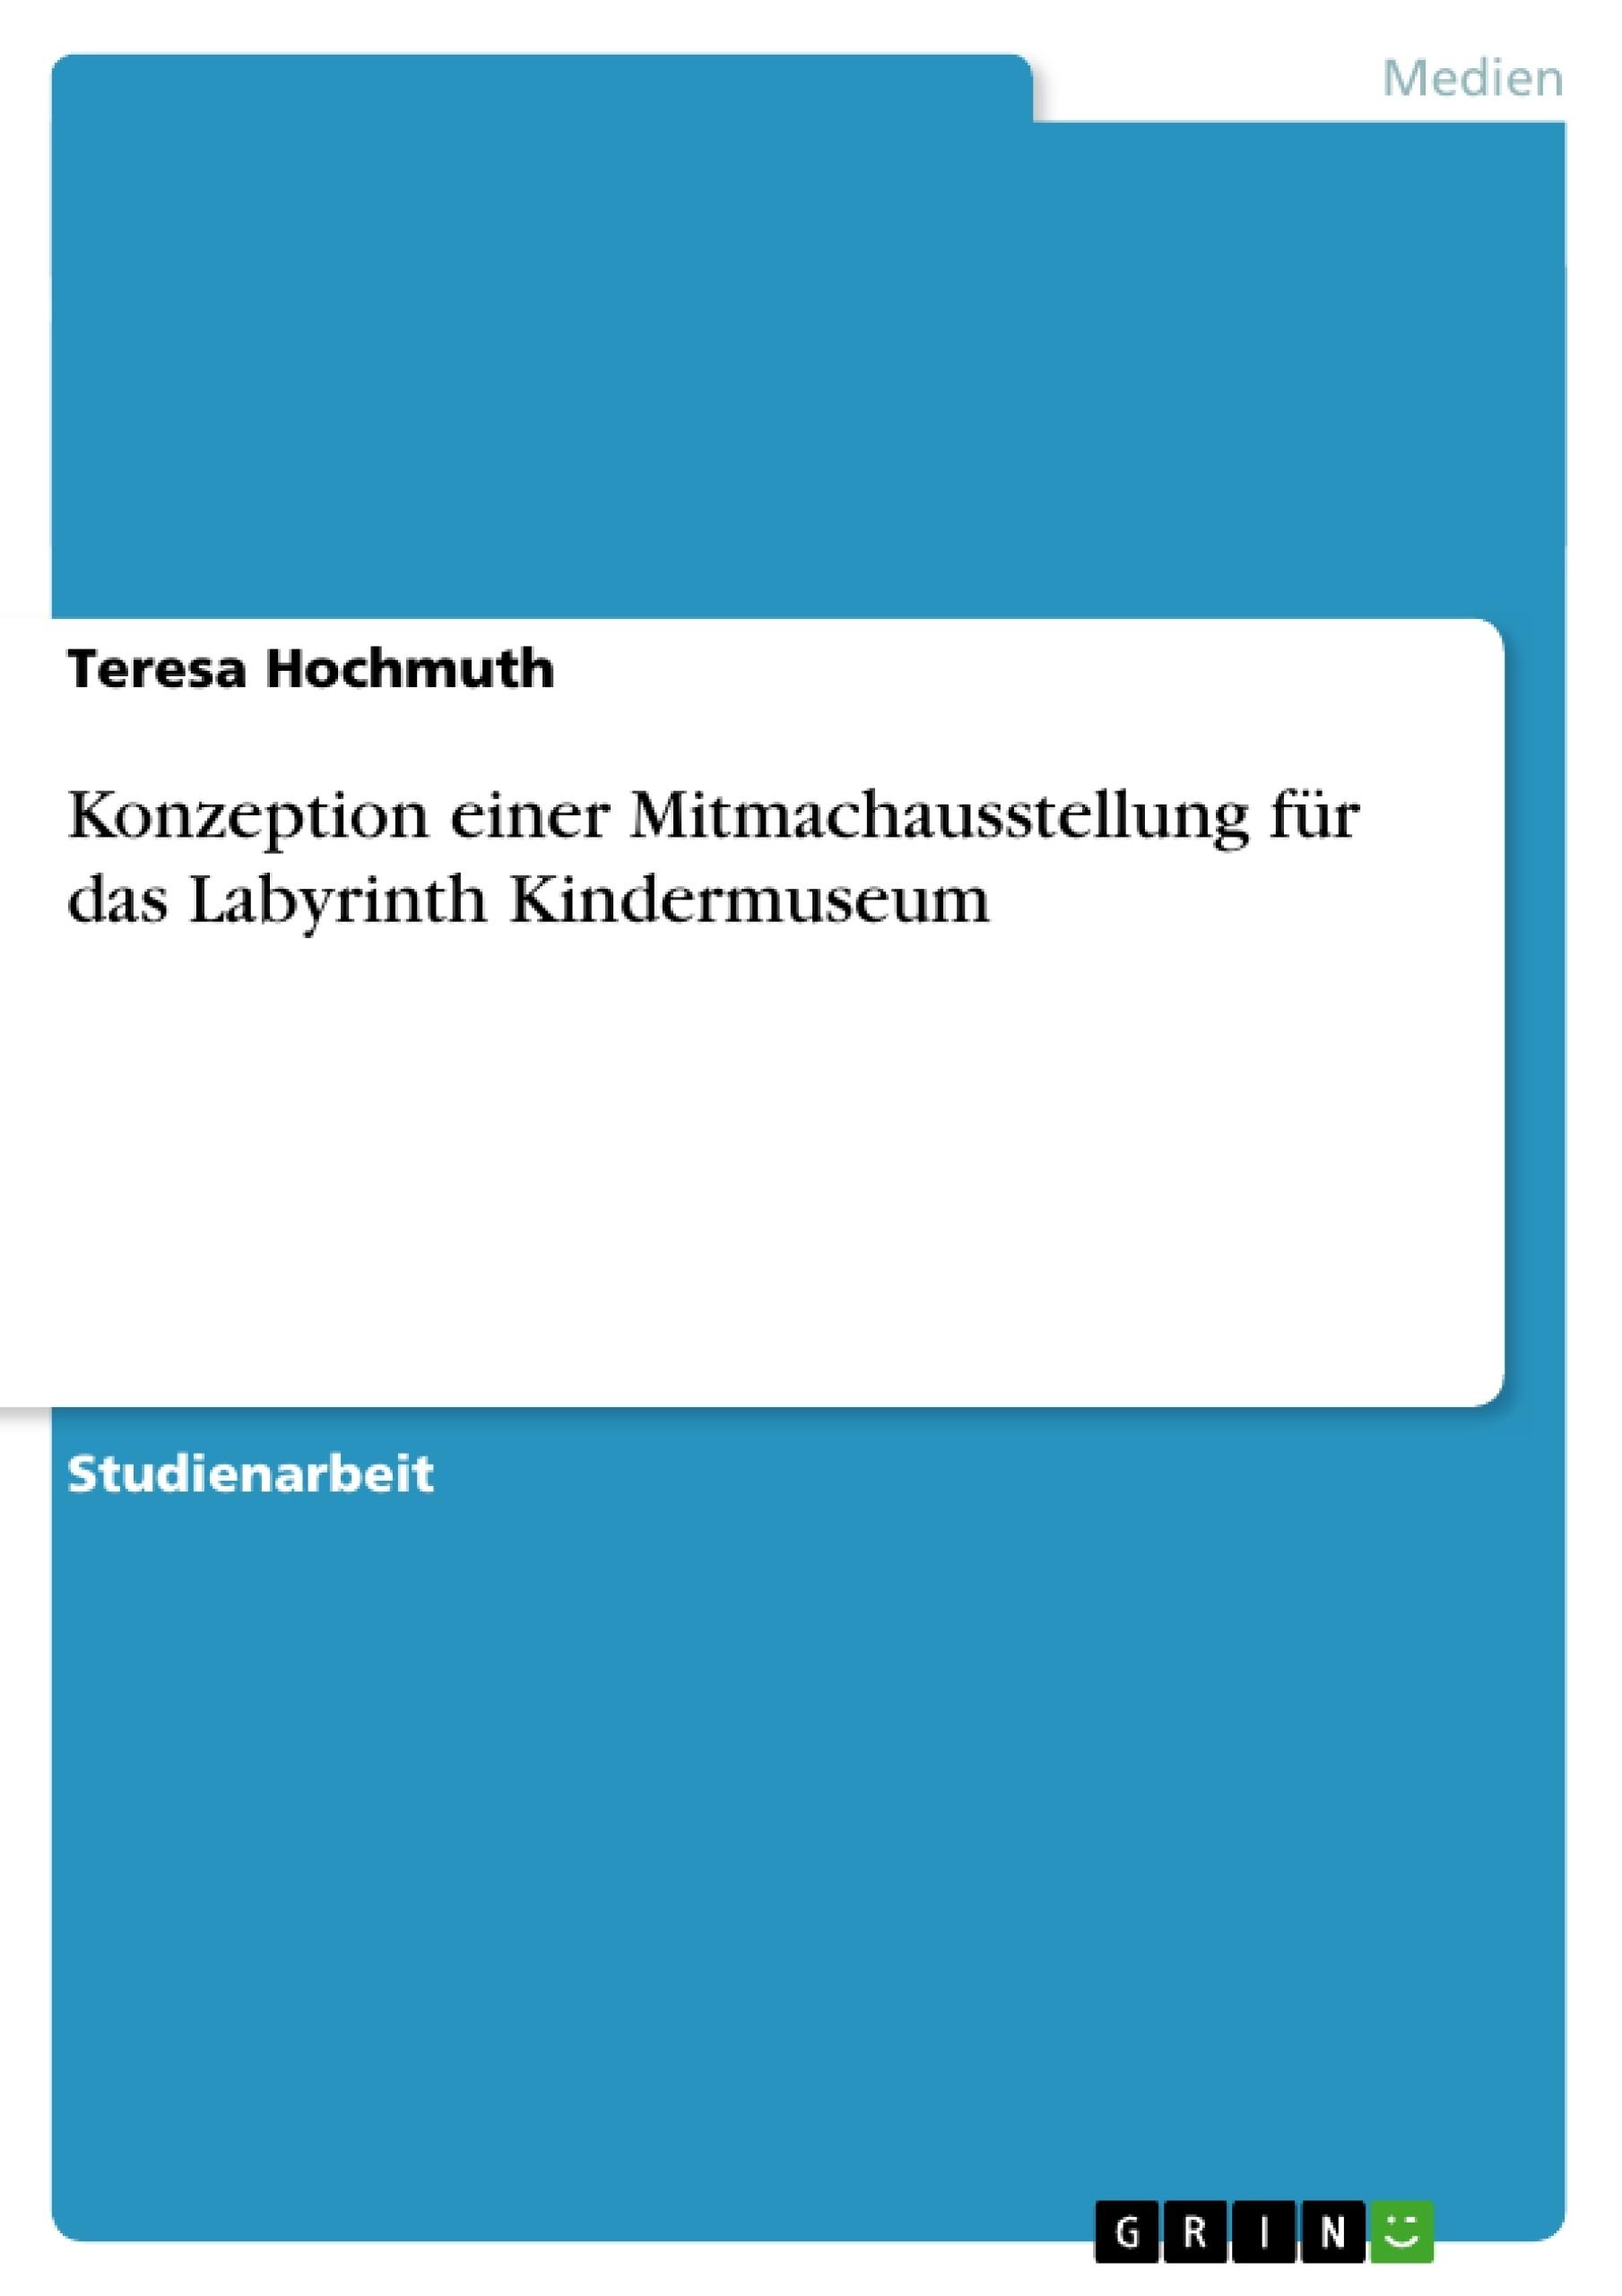 Titel: Konzeption einer Mitmachausstellung für das Labyrinth Kindermuseum